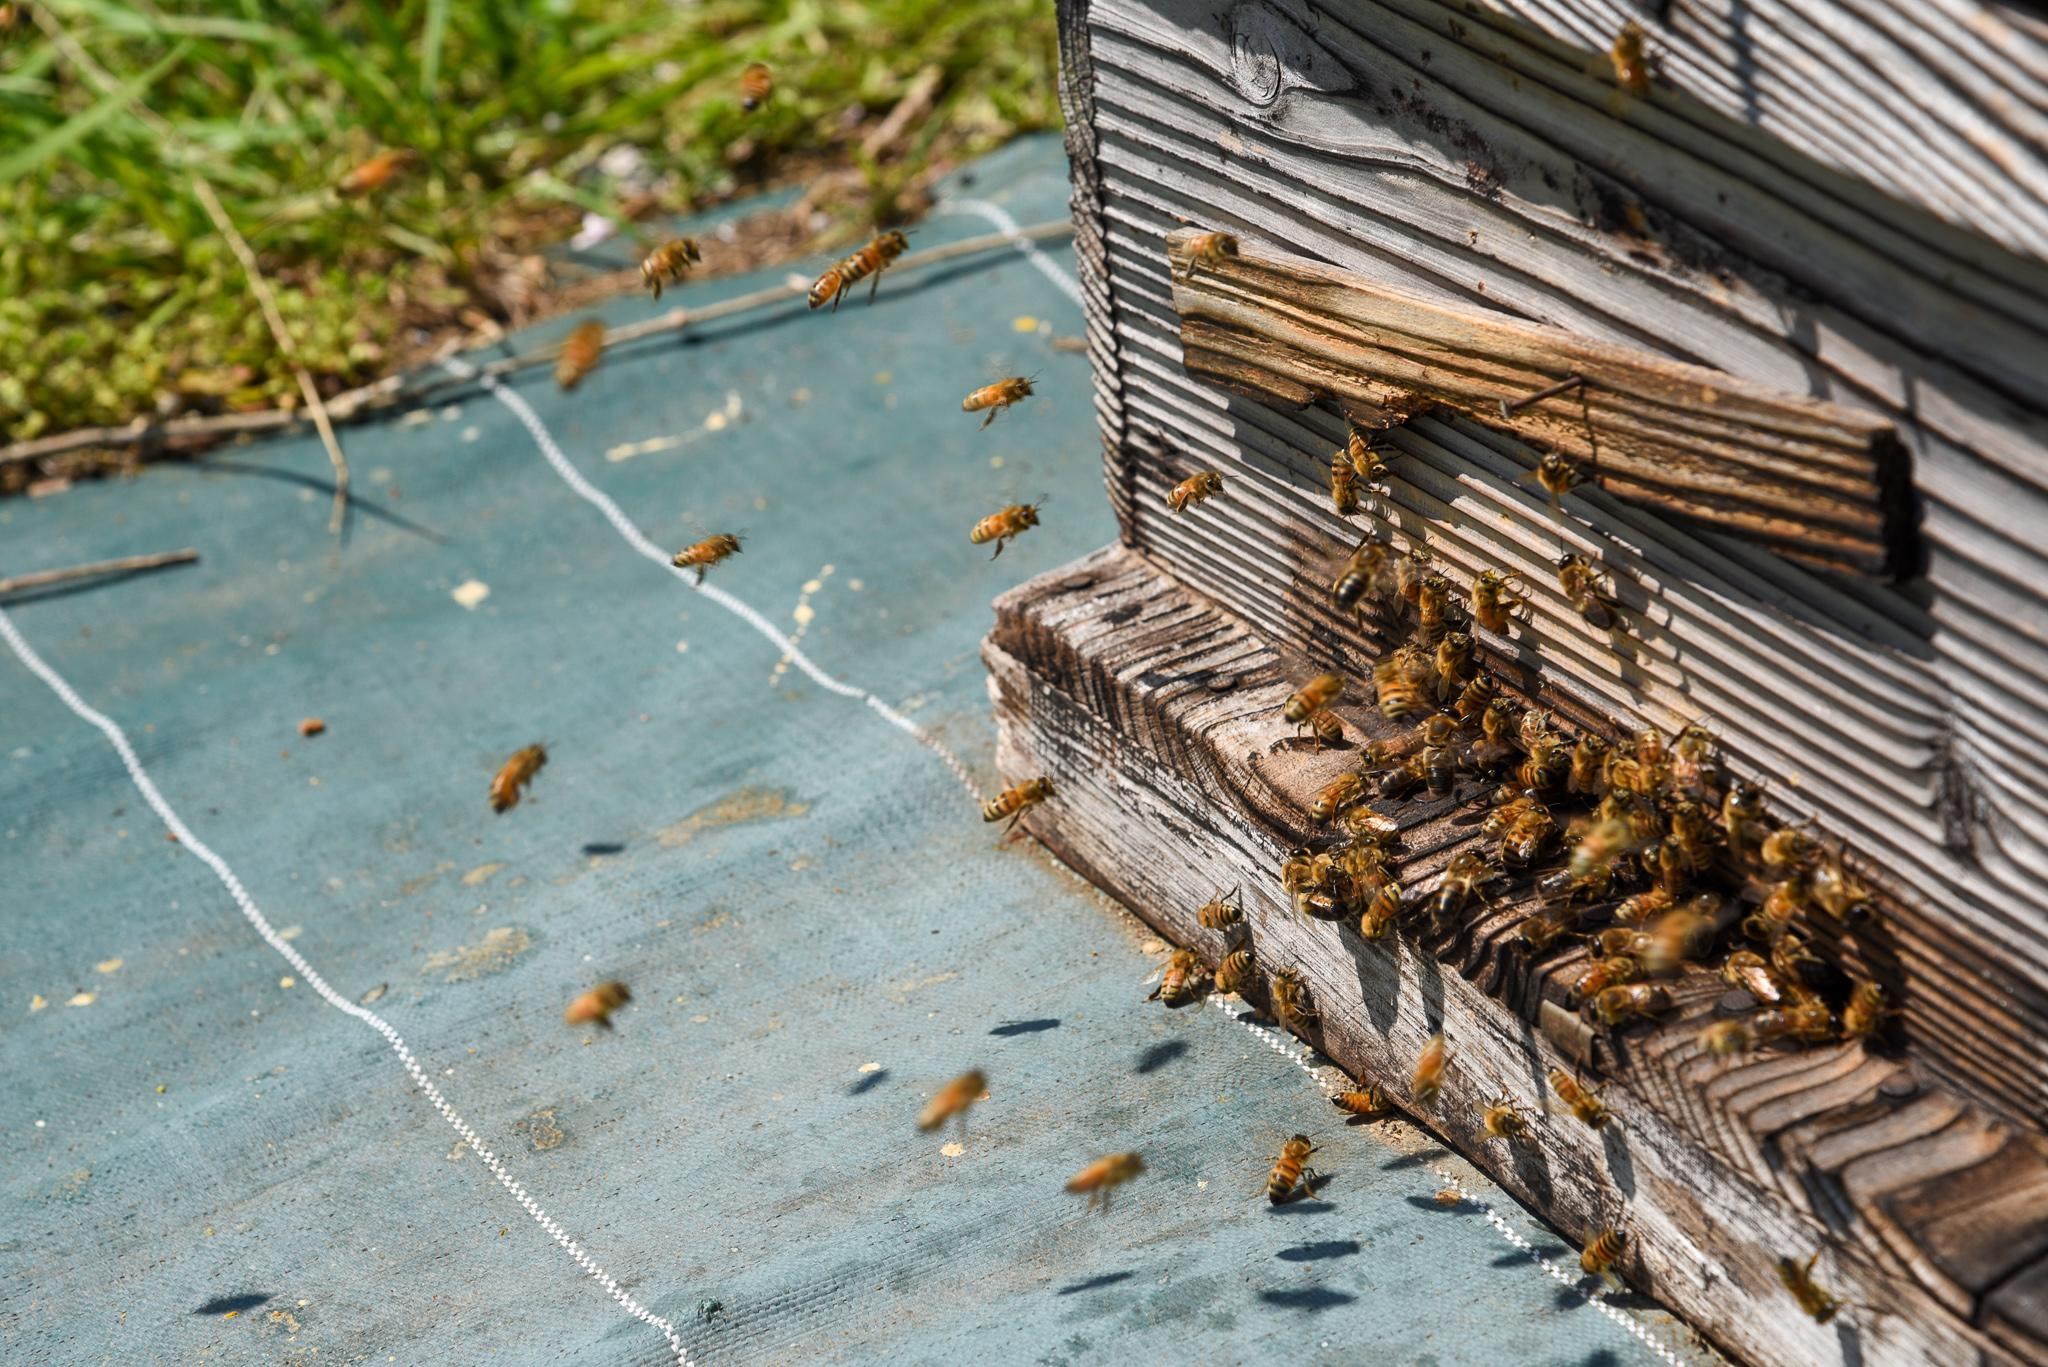 飛び回るミツバチ